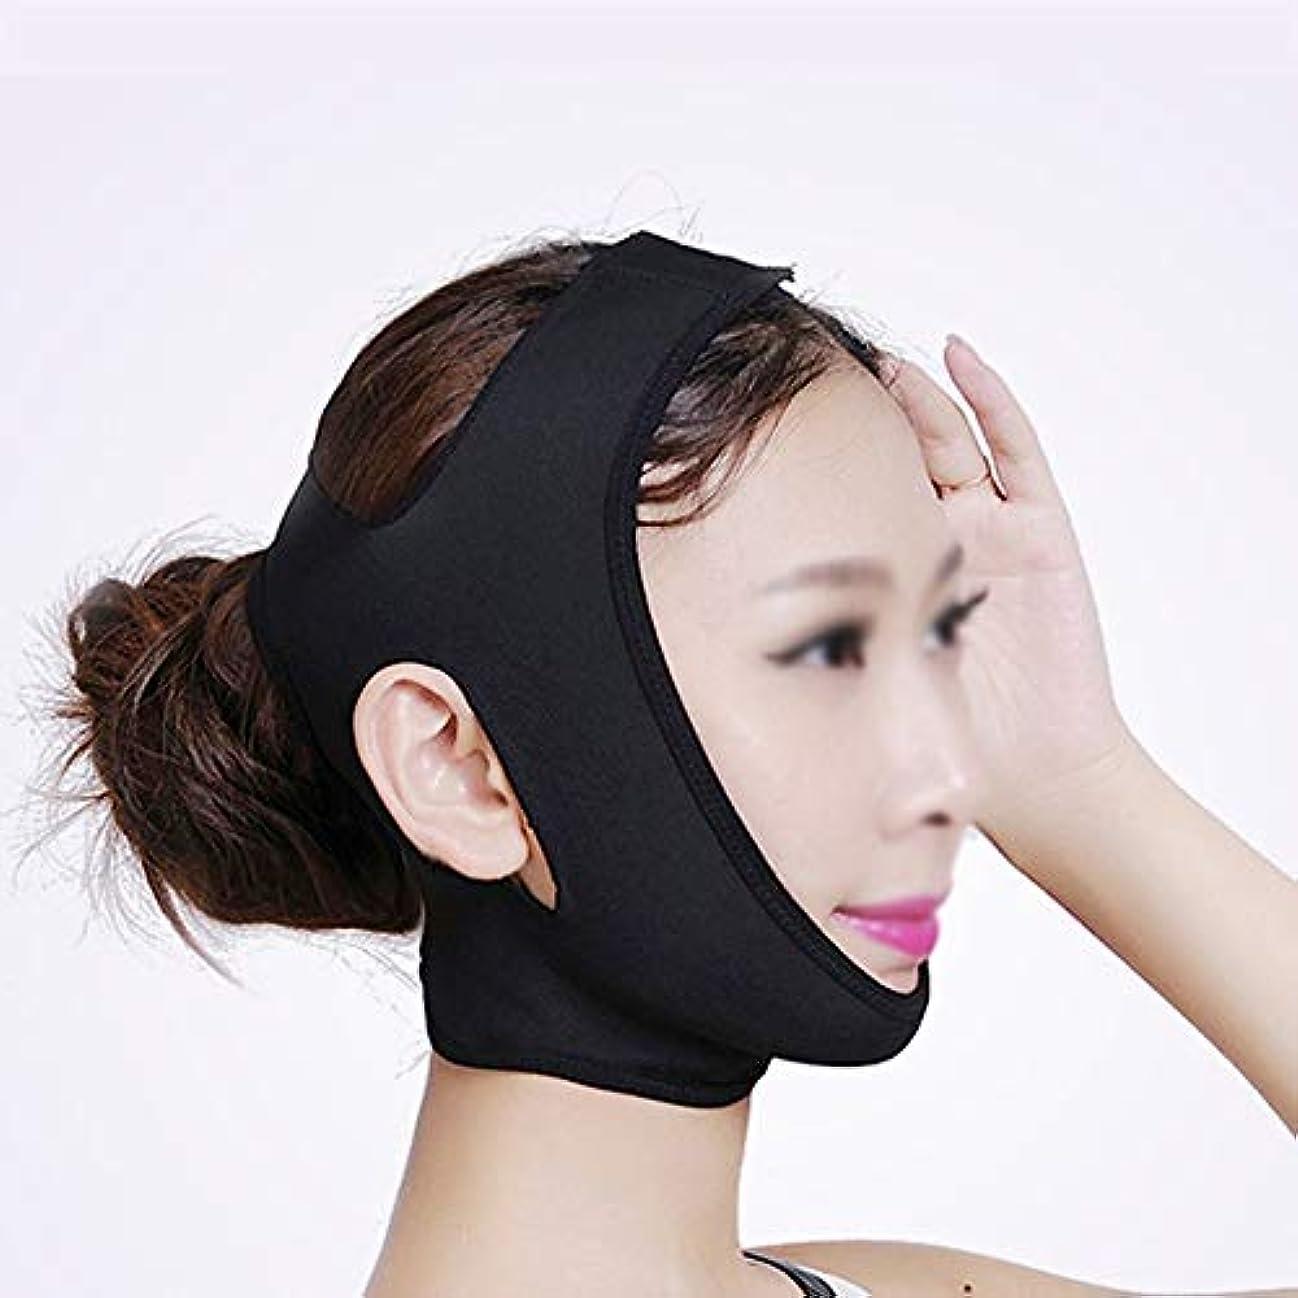 サージトラクター大いにLJK 減量の包帯、顔の持ち上がる包帯、二重あごを減らすために持ち上がるベルトを取除く顔の減量のマスクの持ち上がる表面、フェイスマスク、二重あご (Color : Black, Size : S)